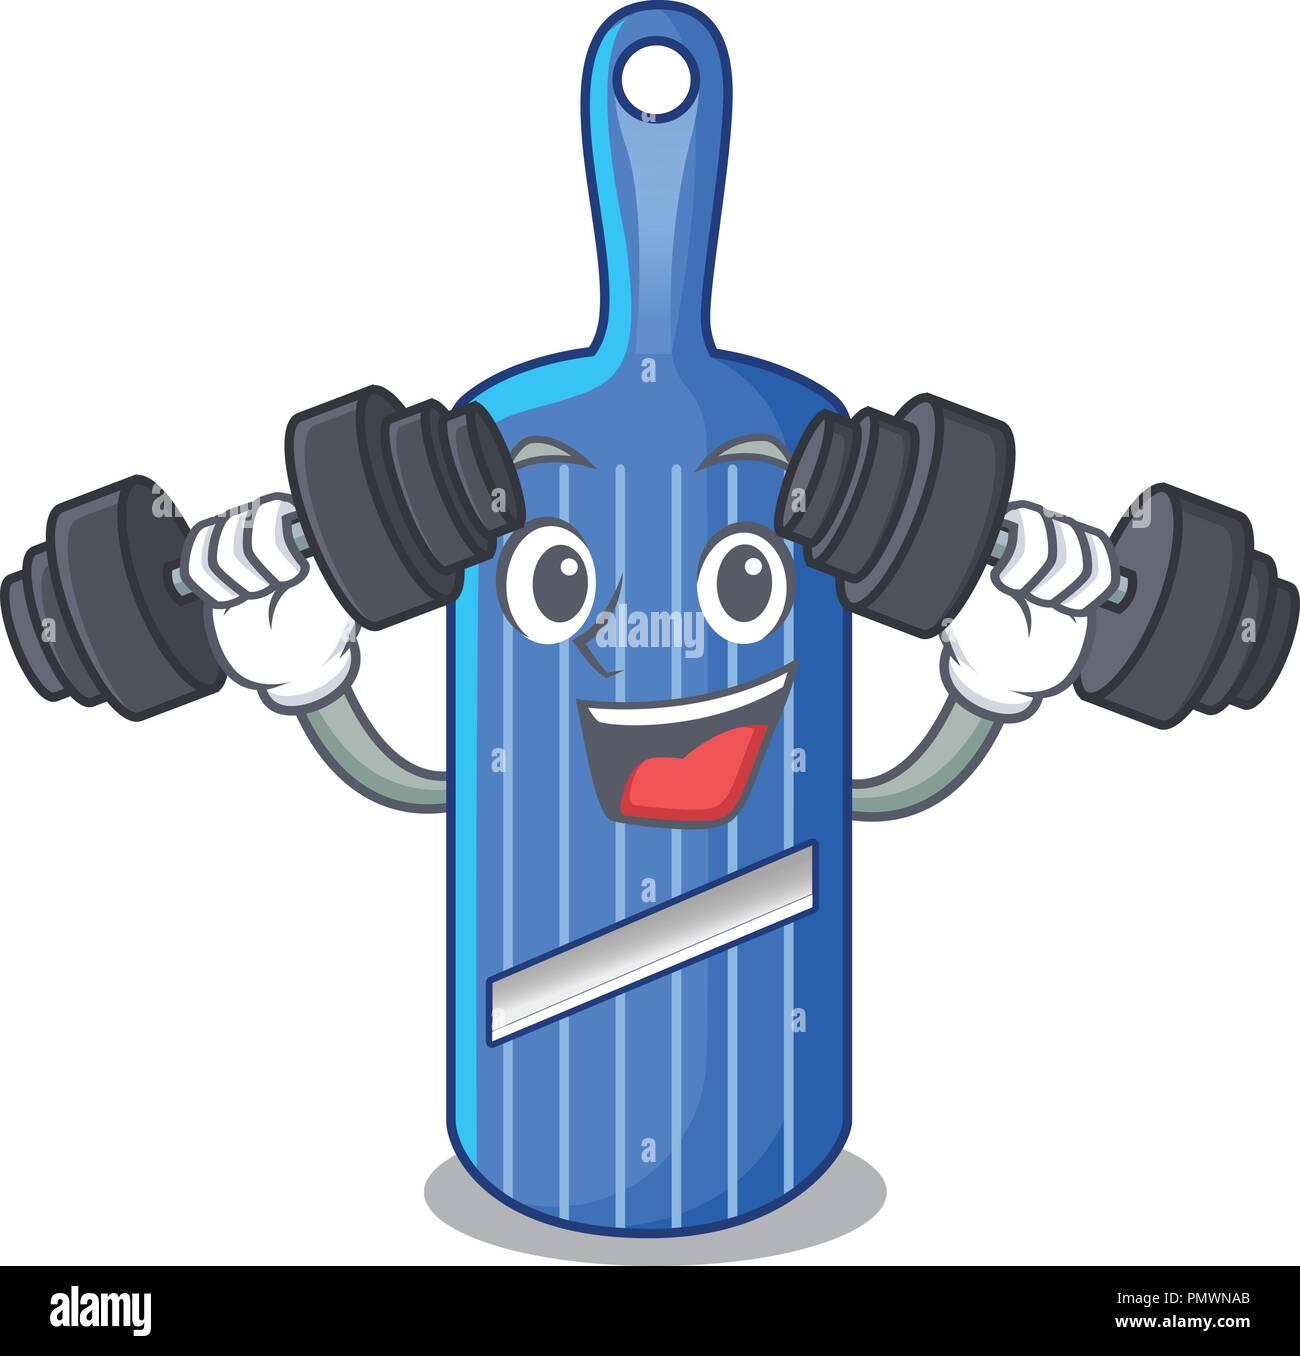 Fitness Cut Food On Mandolin Slicer Cartoon Stock Vector Art